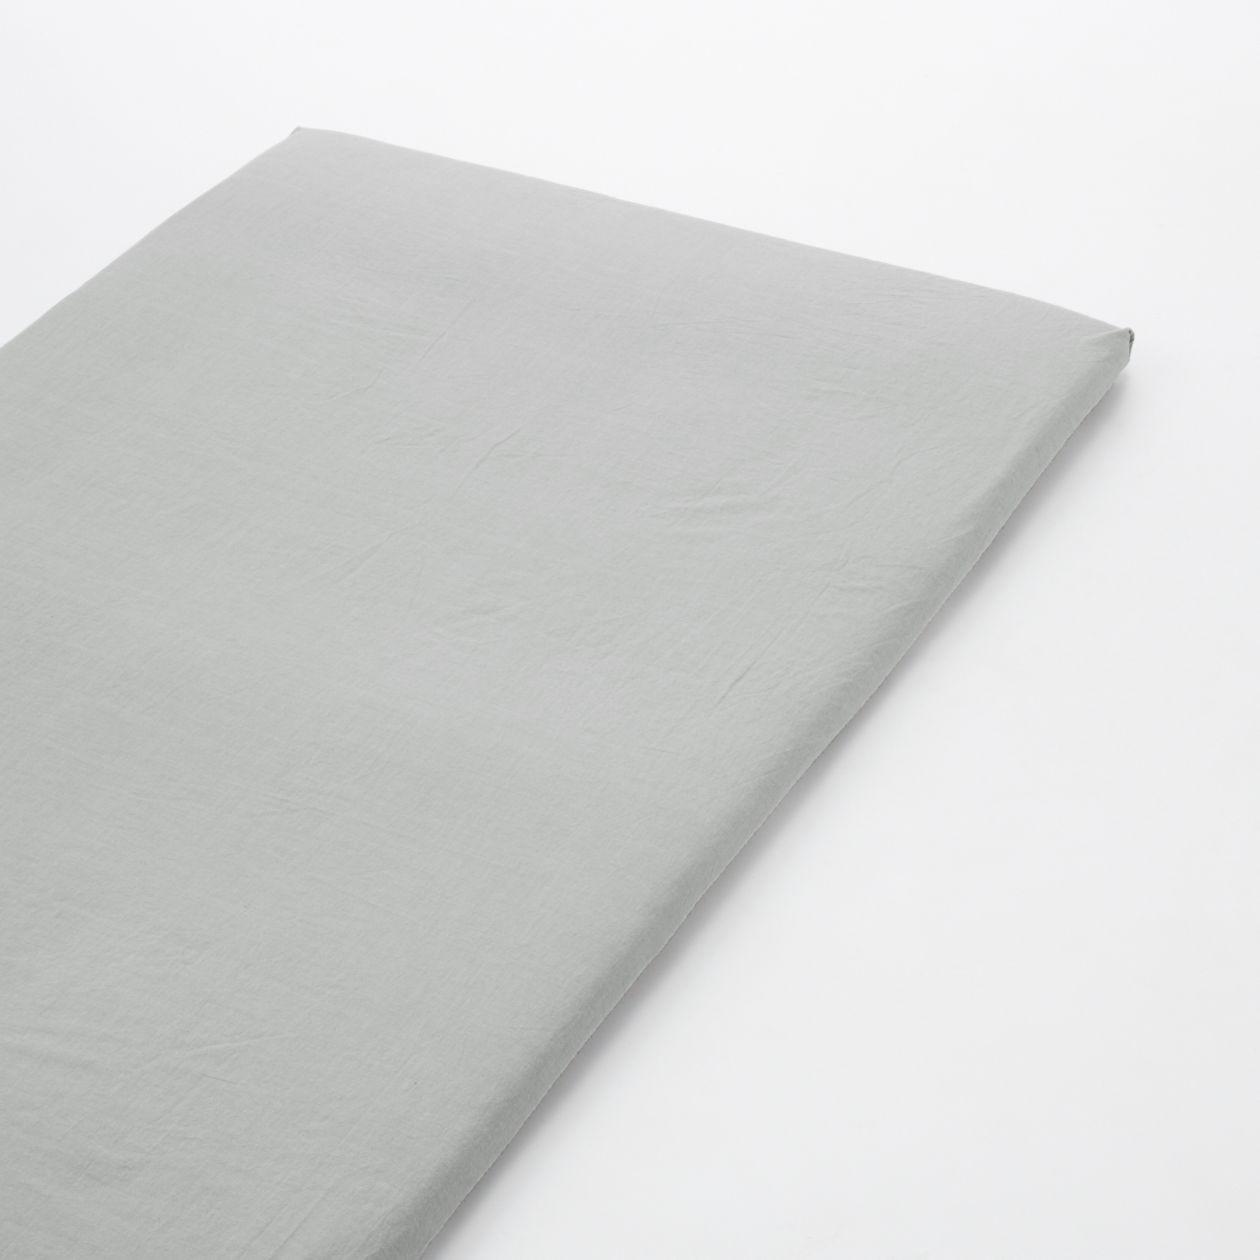 綿洗いざらし敷ふとんカバー・SD/グレー